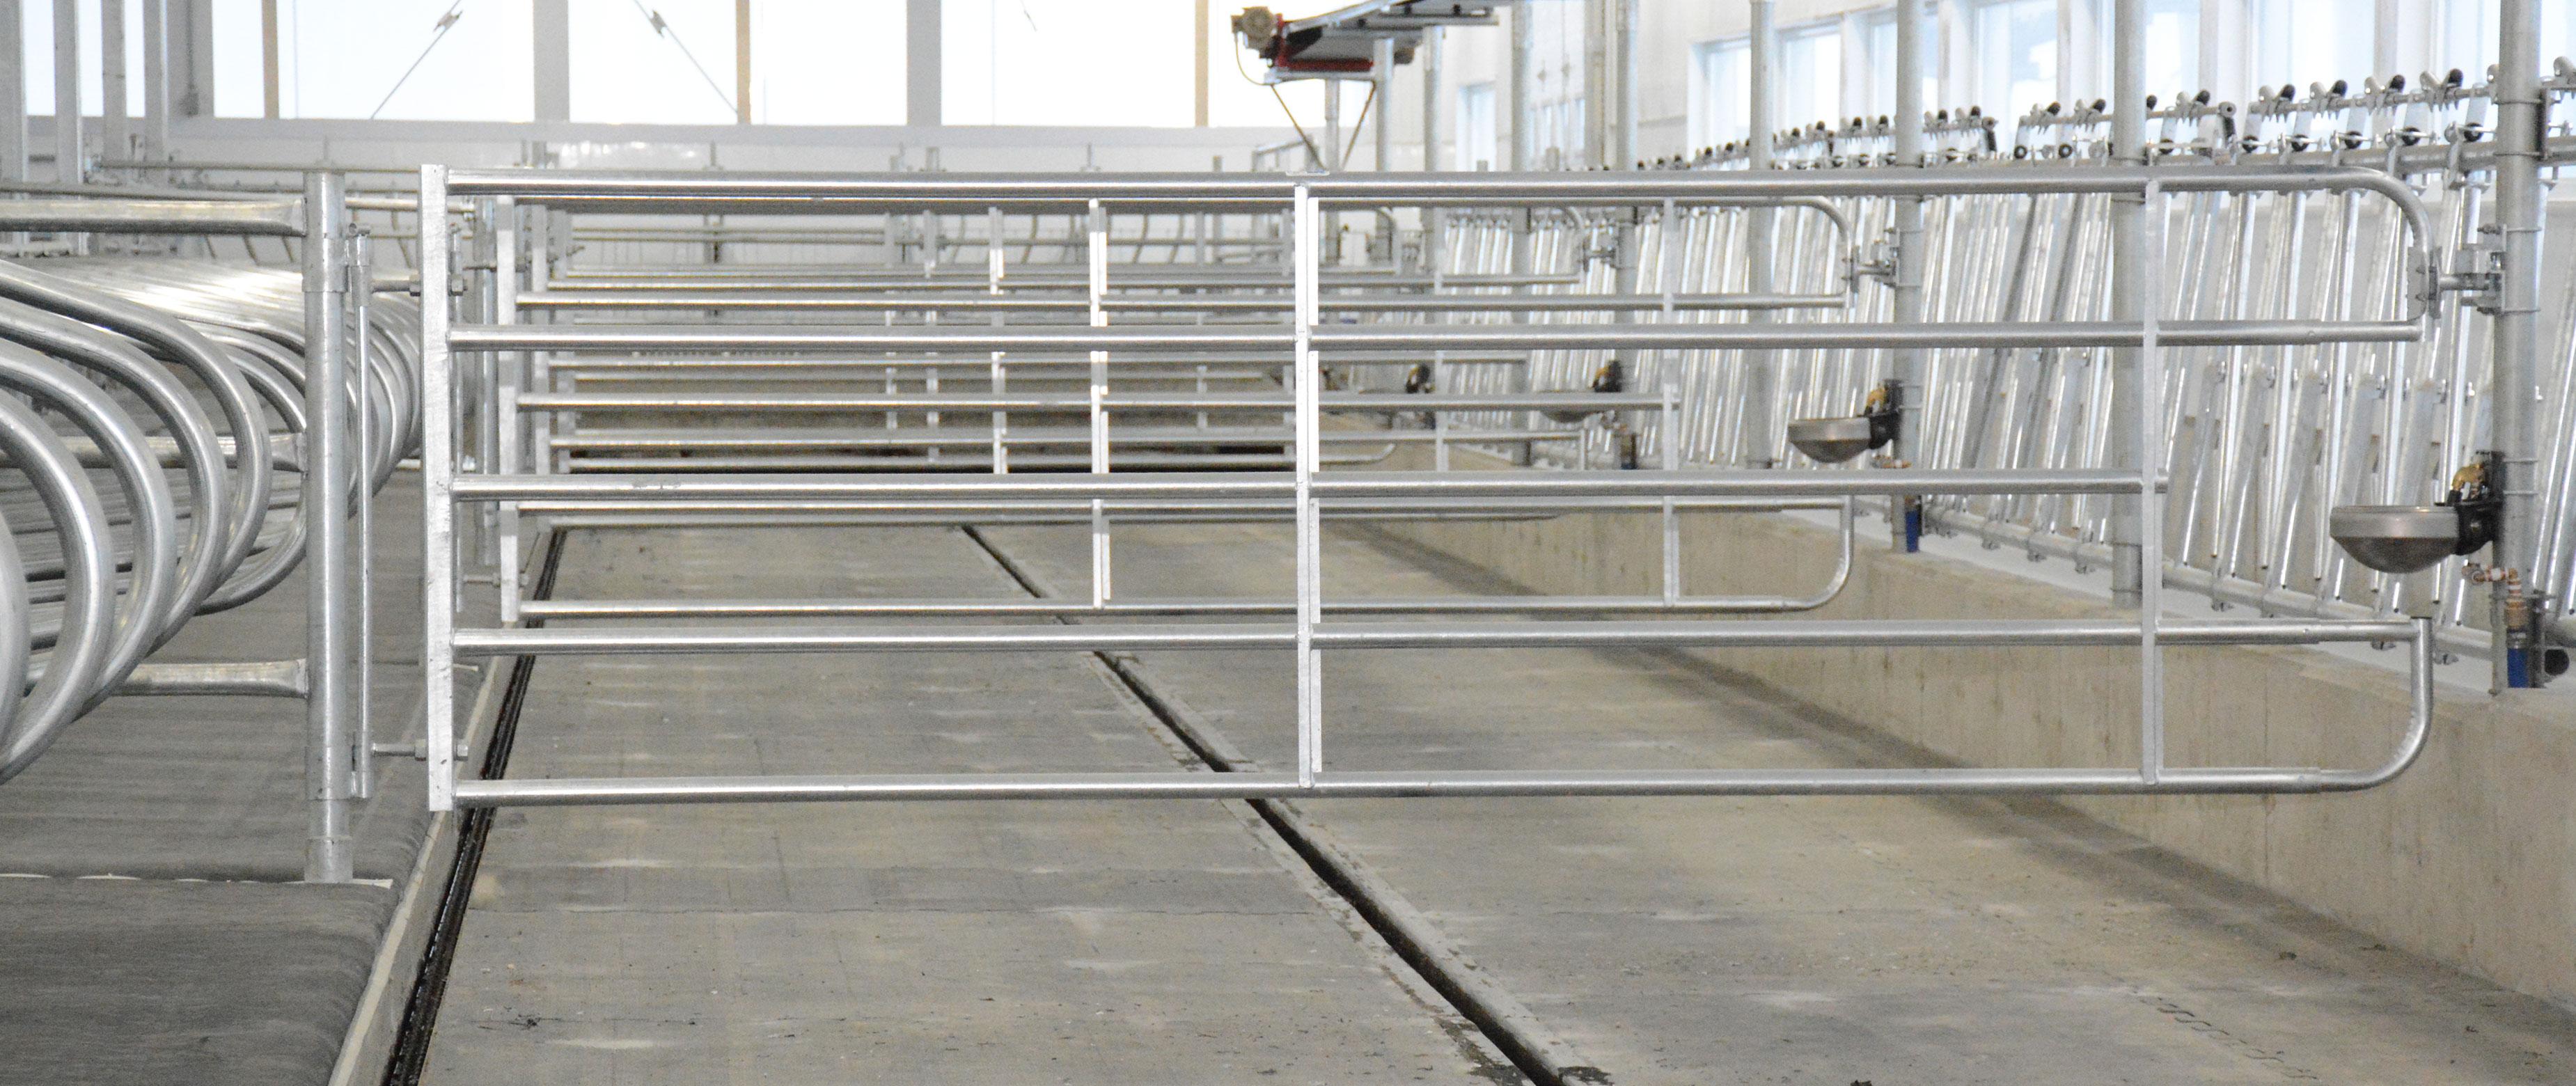 logette étable vache laitière installation agricole / Équipements PFB